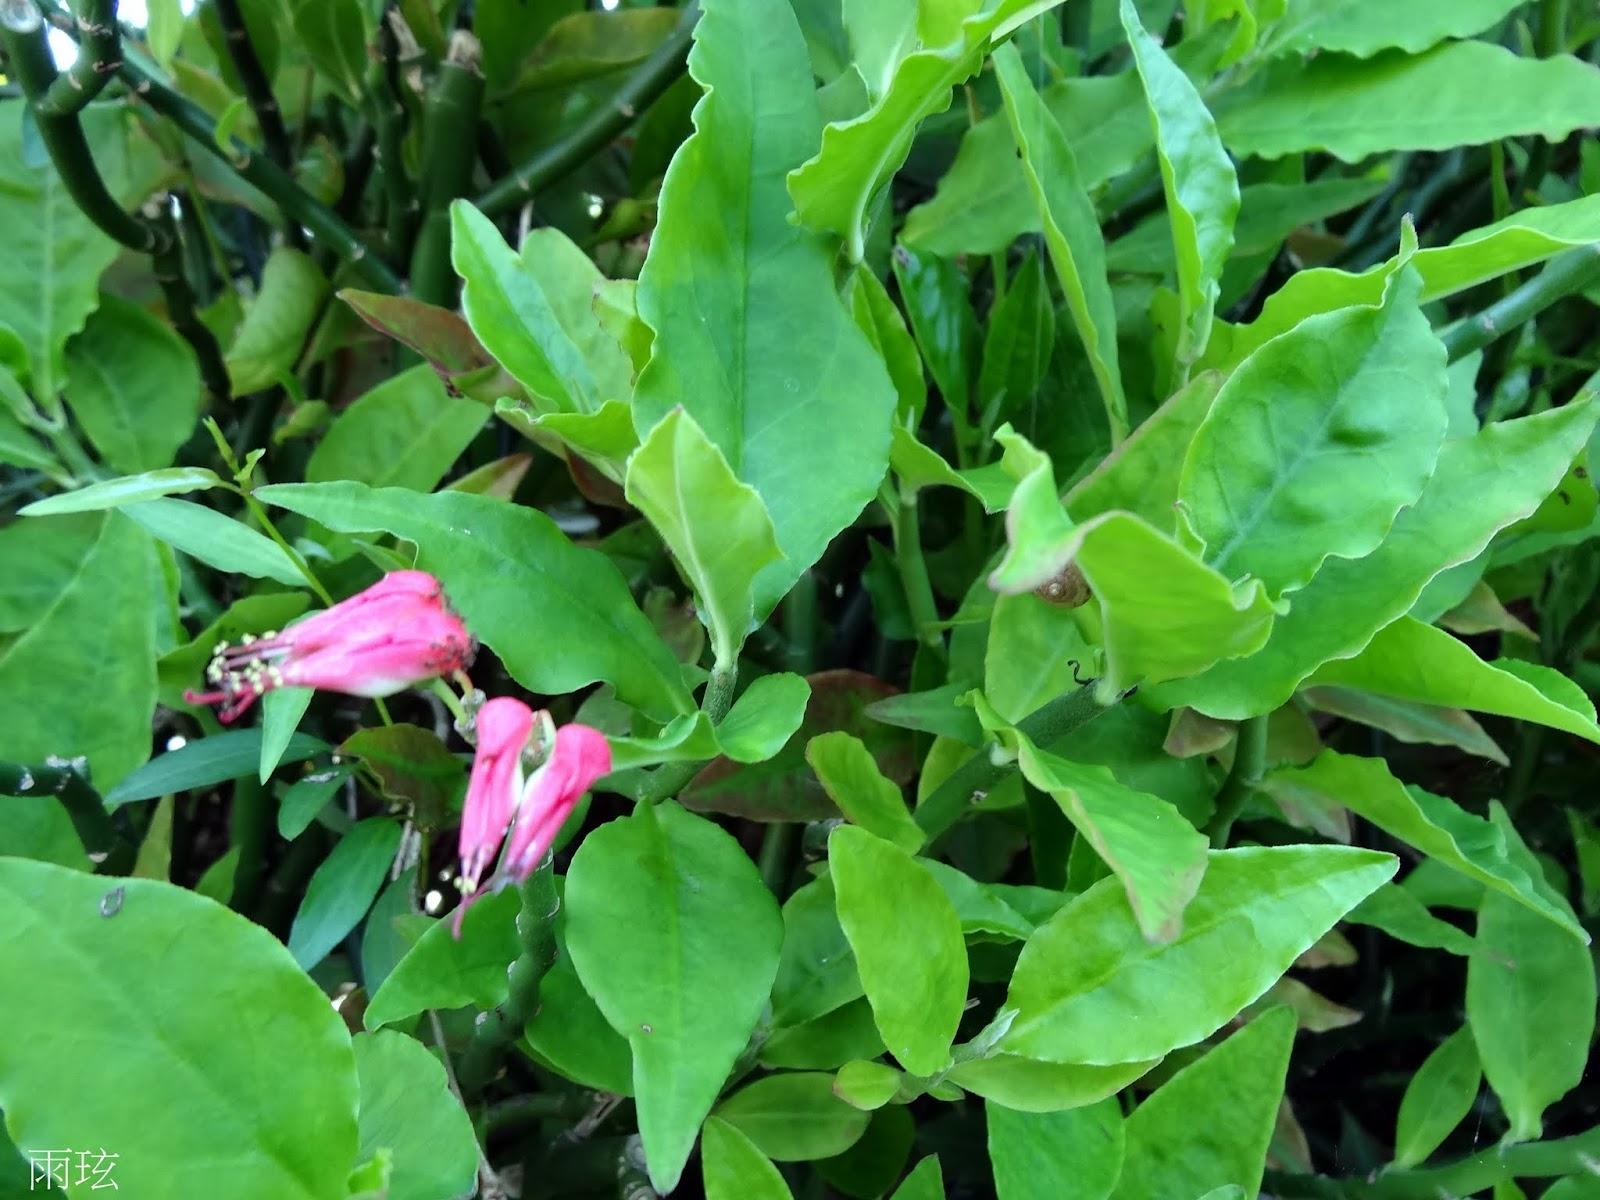 雨玹: 紅雀珊瑚/Redbird cactus